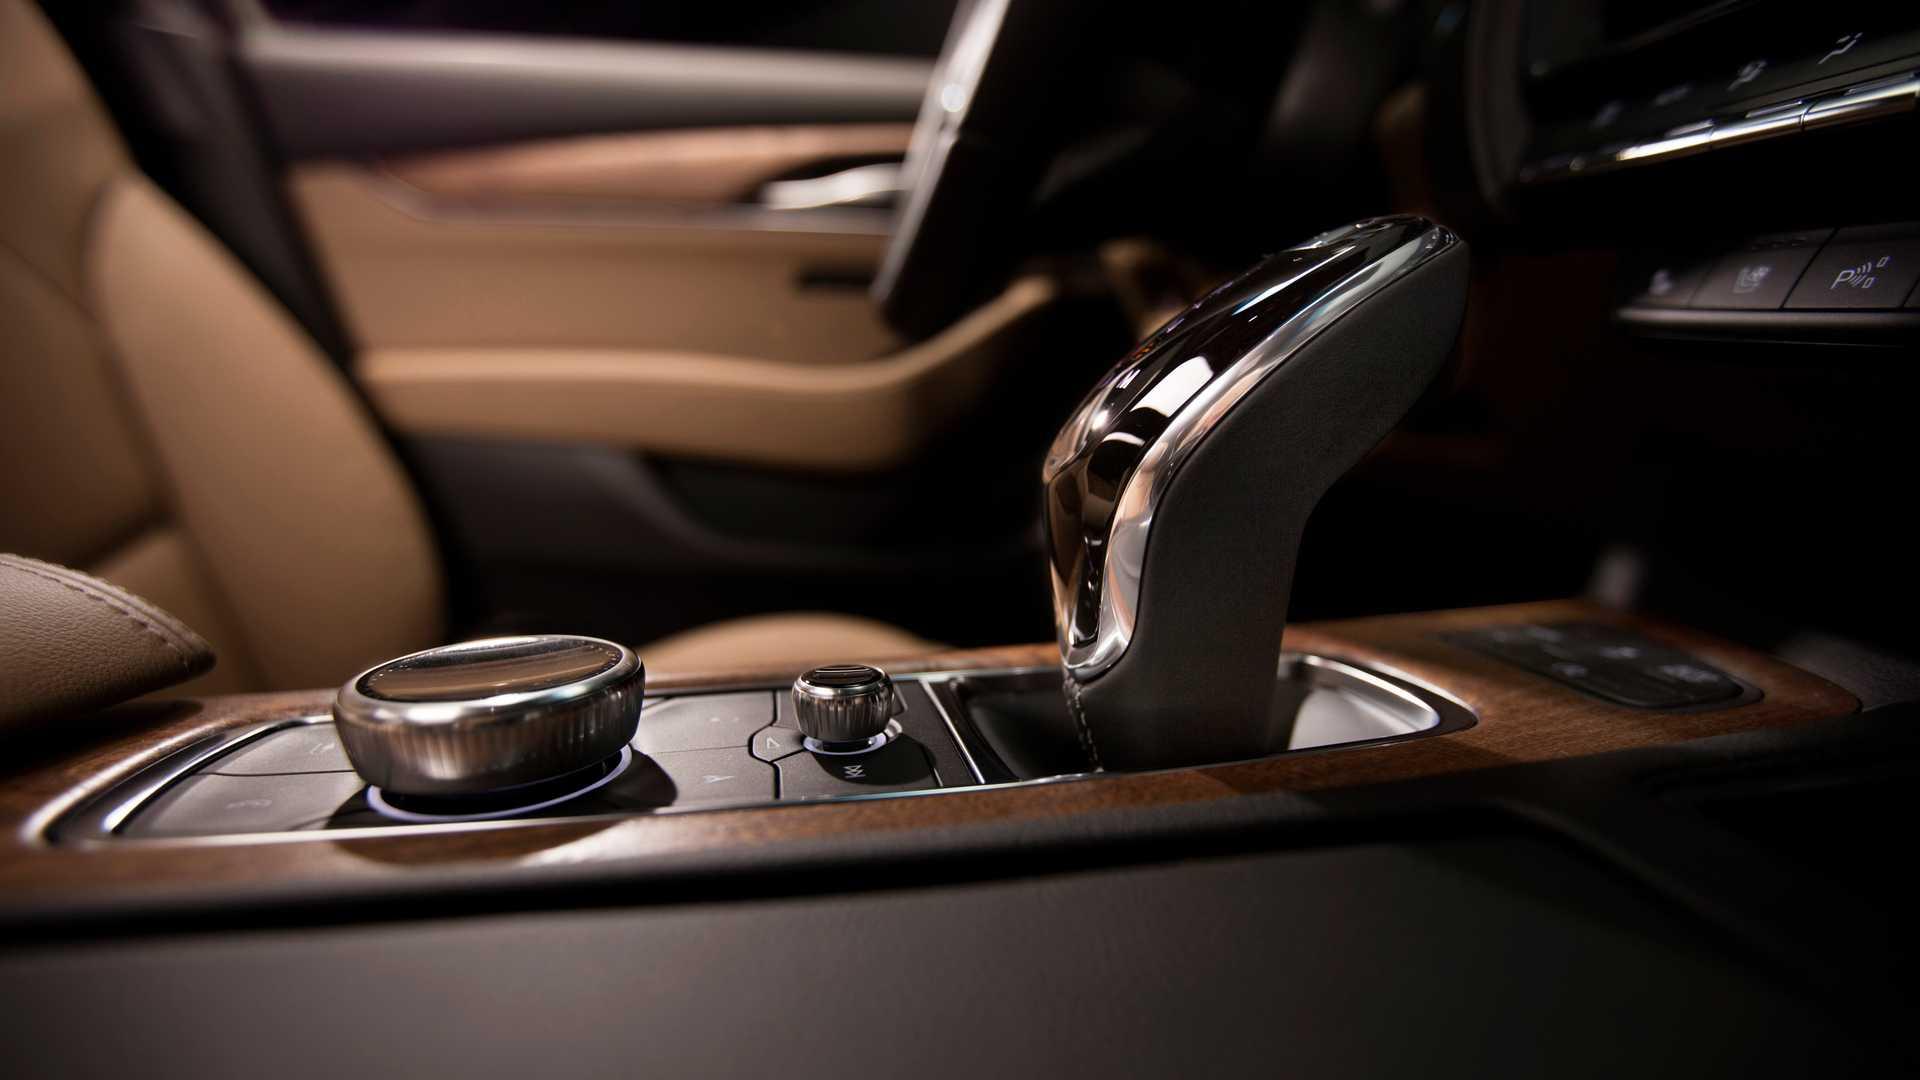 2020 Cadillac CT5 Premium Luxury Interior Detail Wallpaper (13)